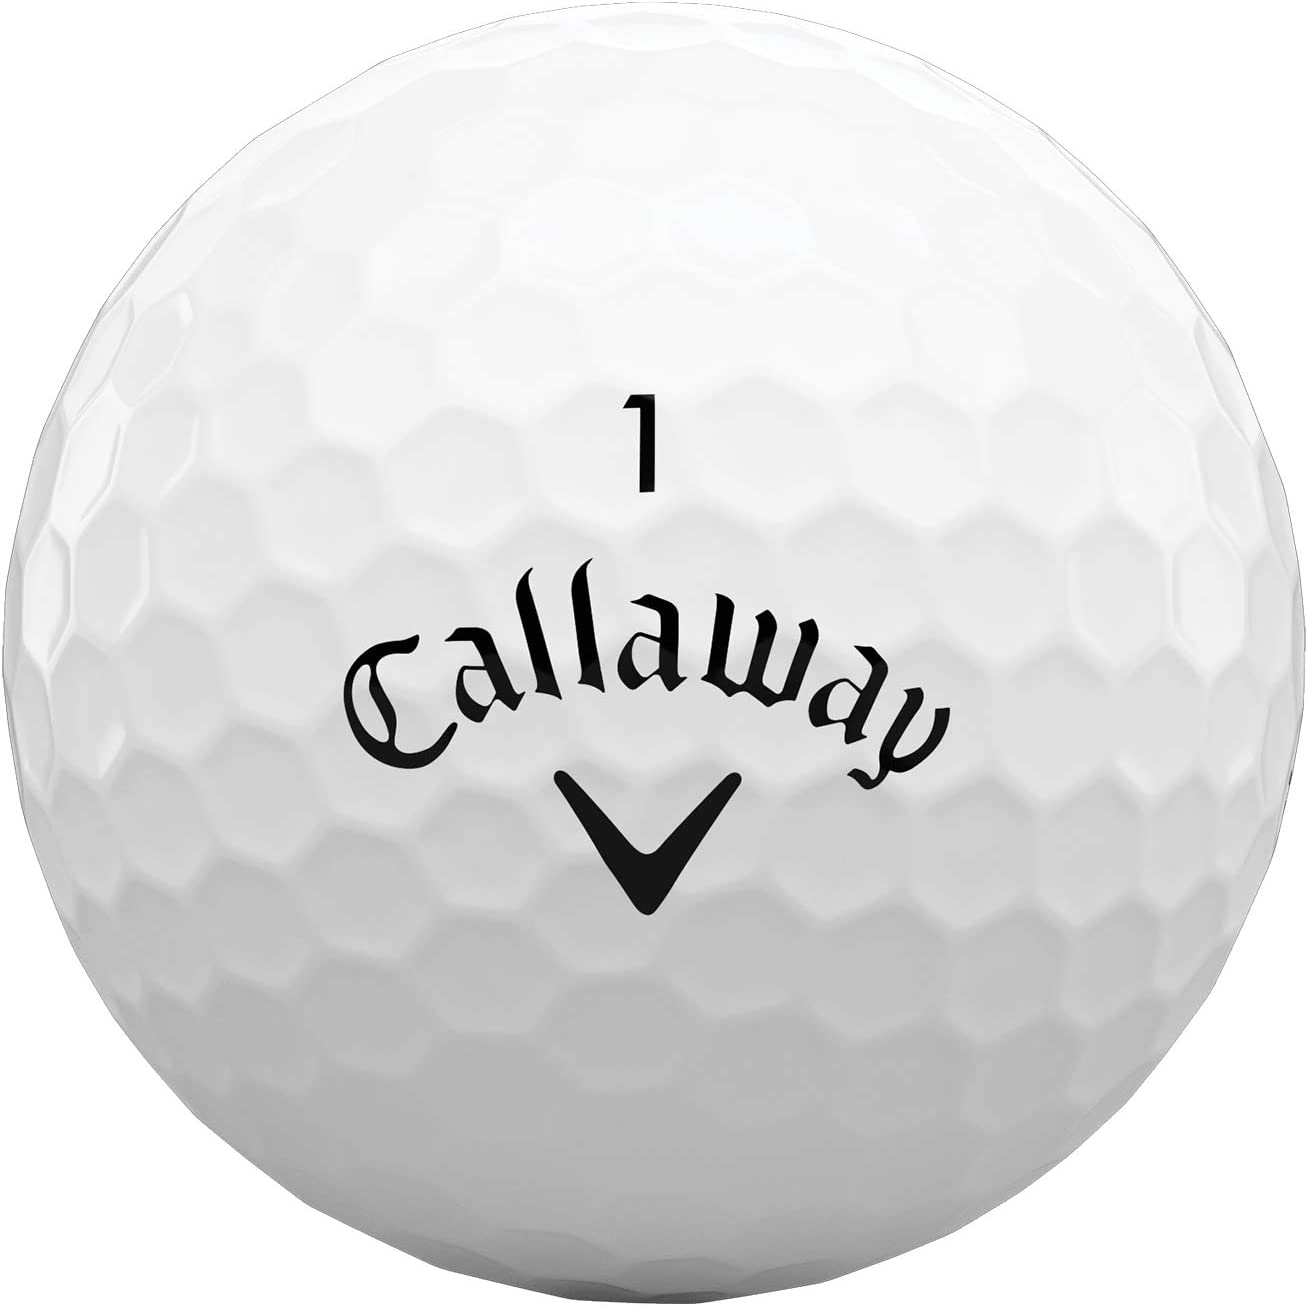 2021 Callaway Warbird Golf Balls